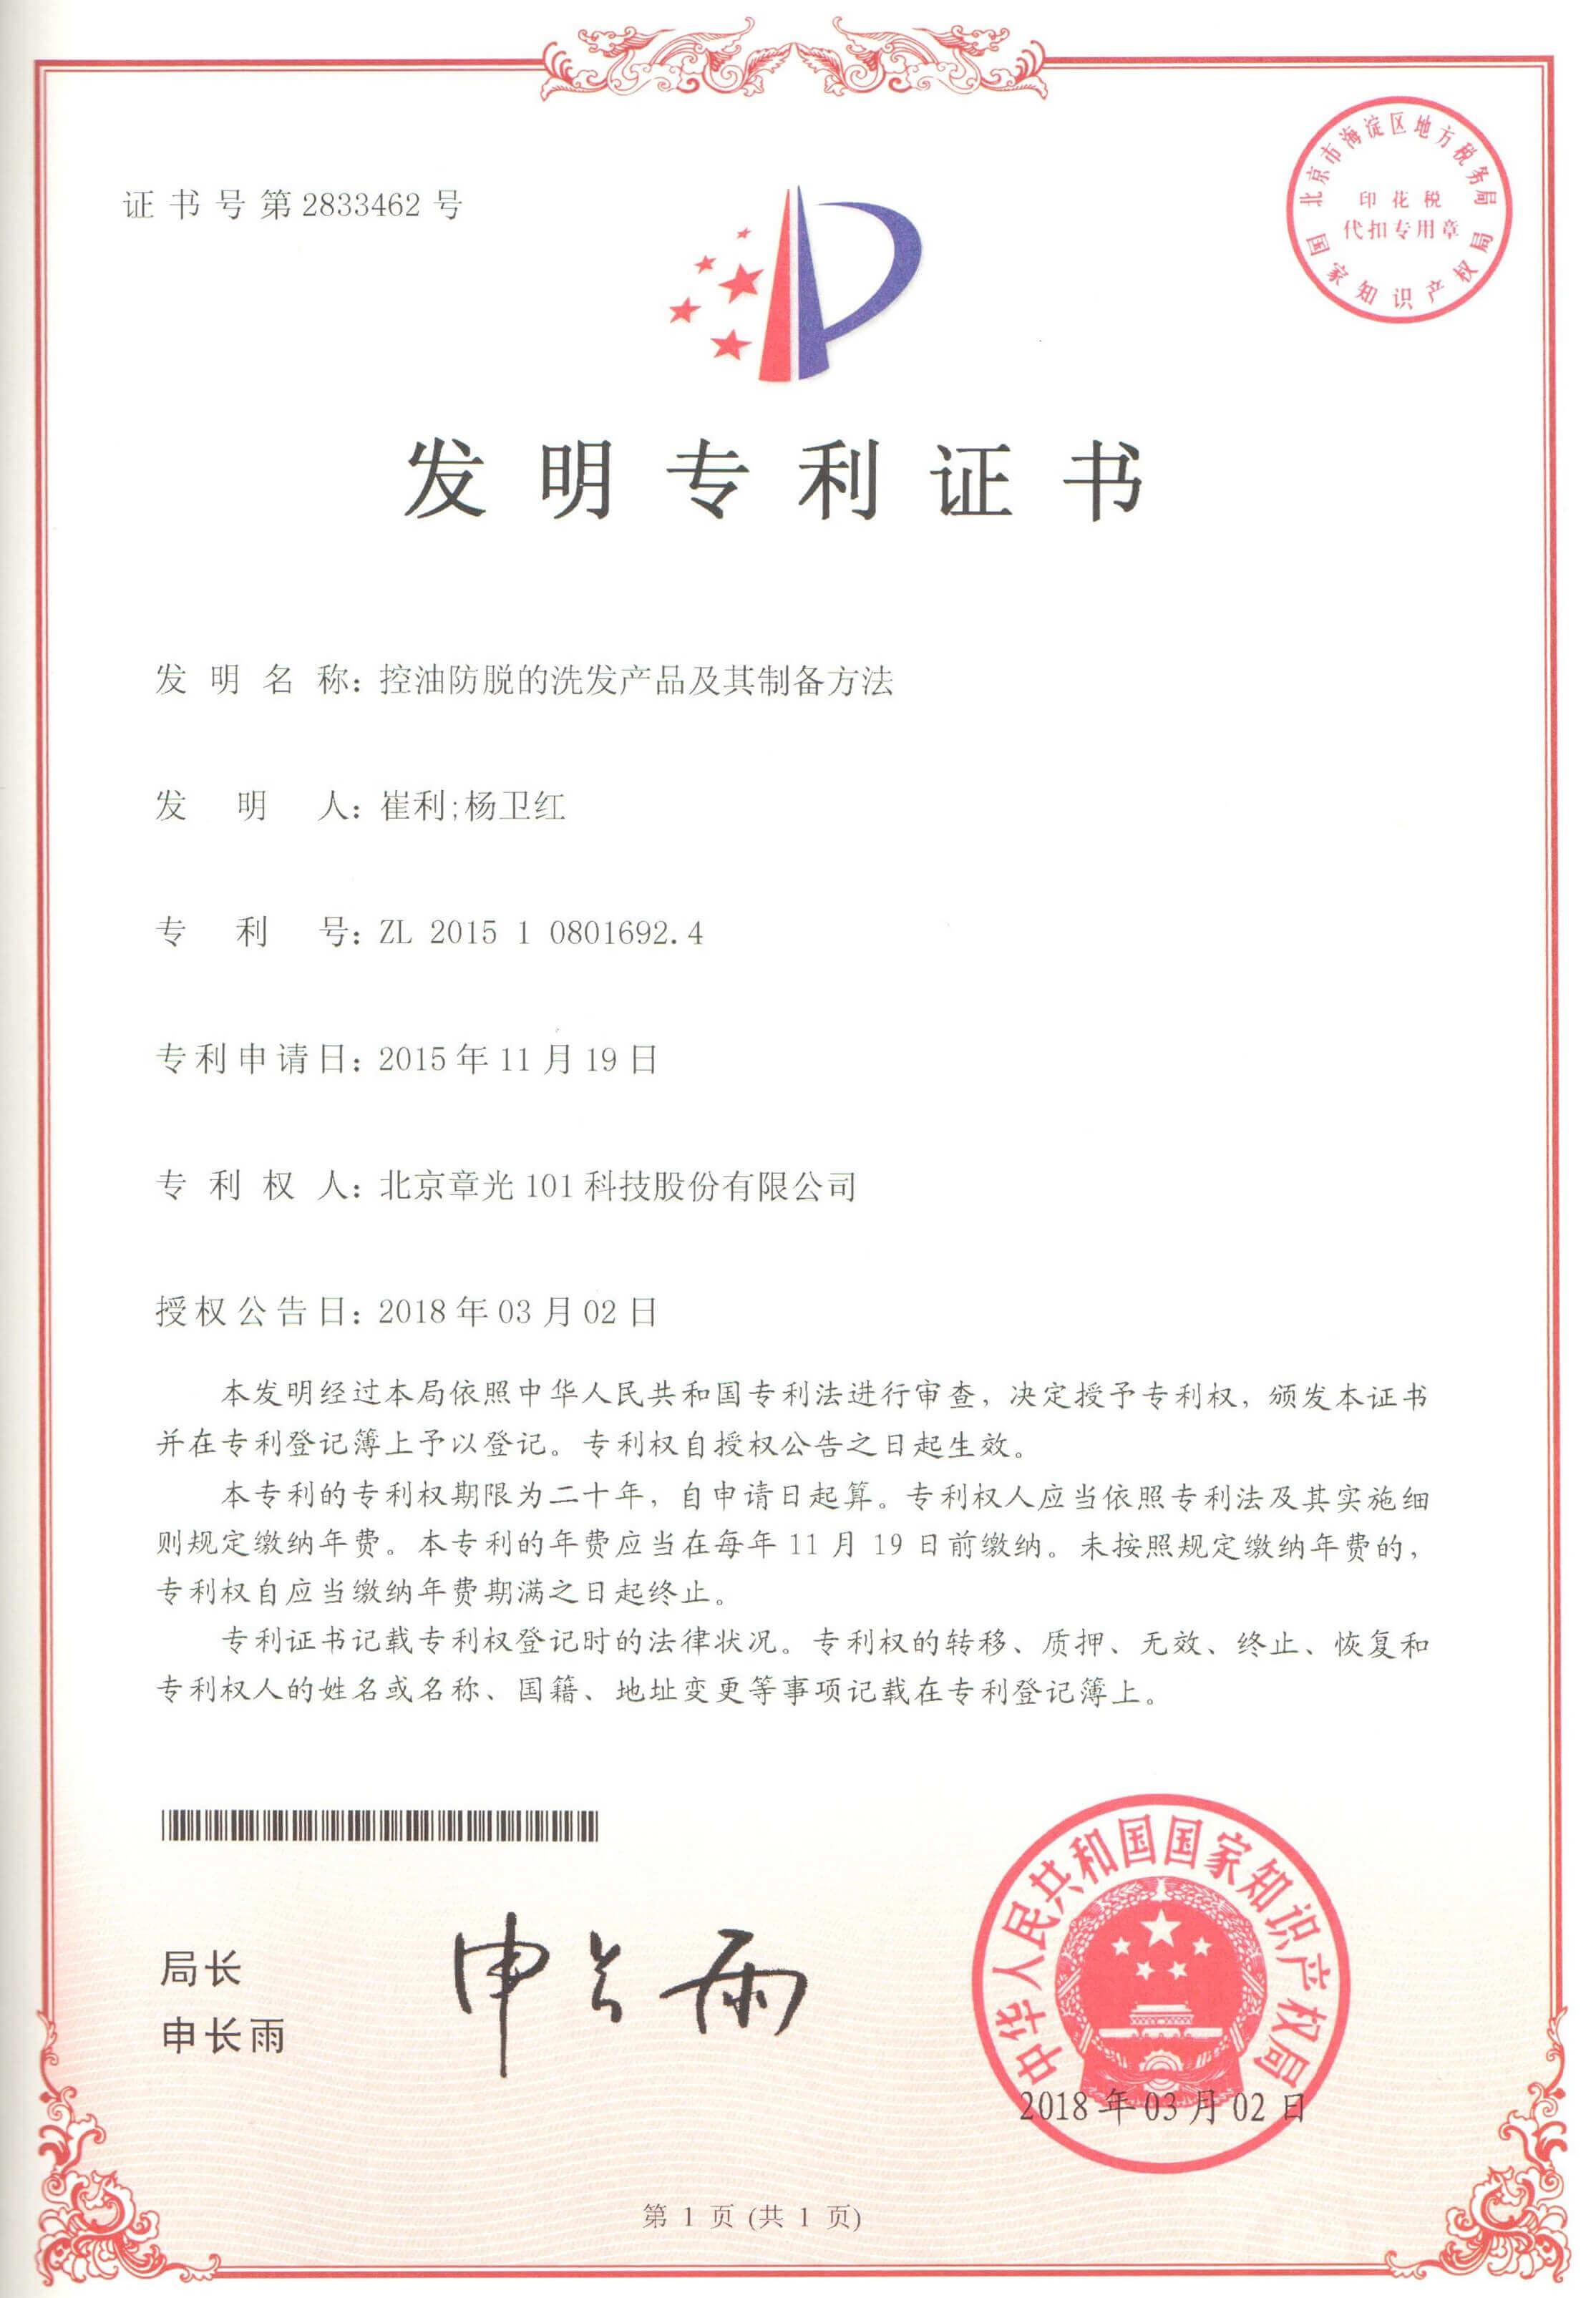 控油、防脱洗发产品(淋洗类)发明专利